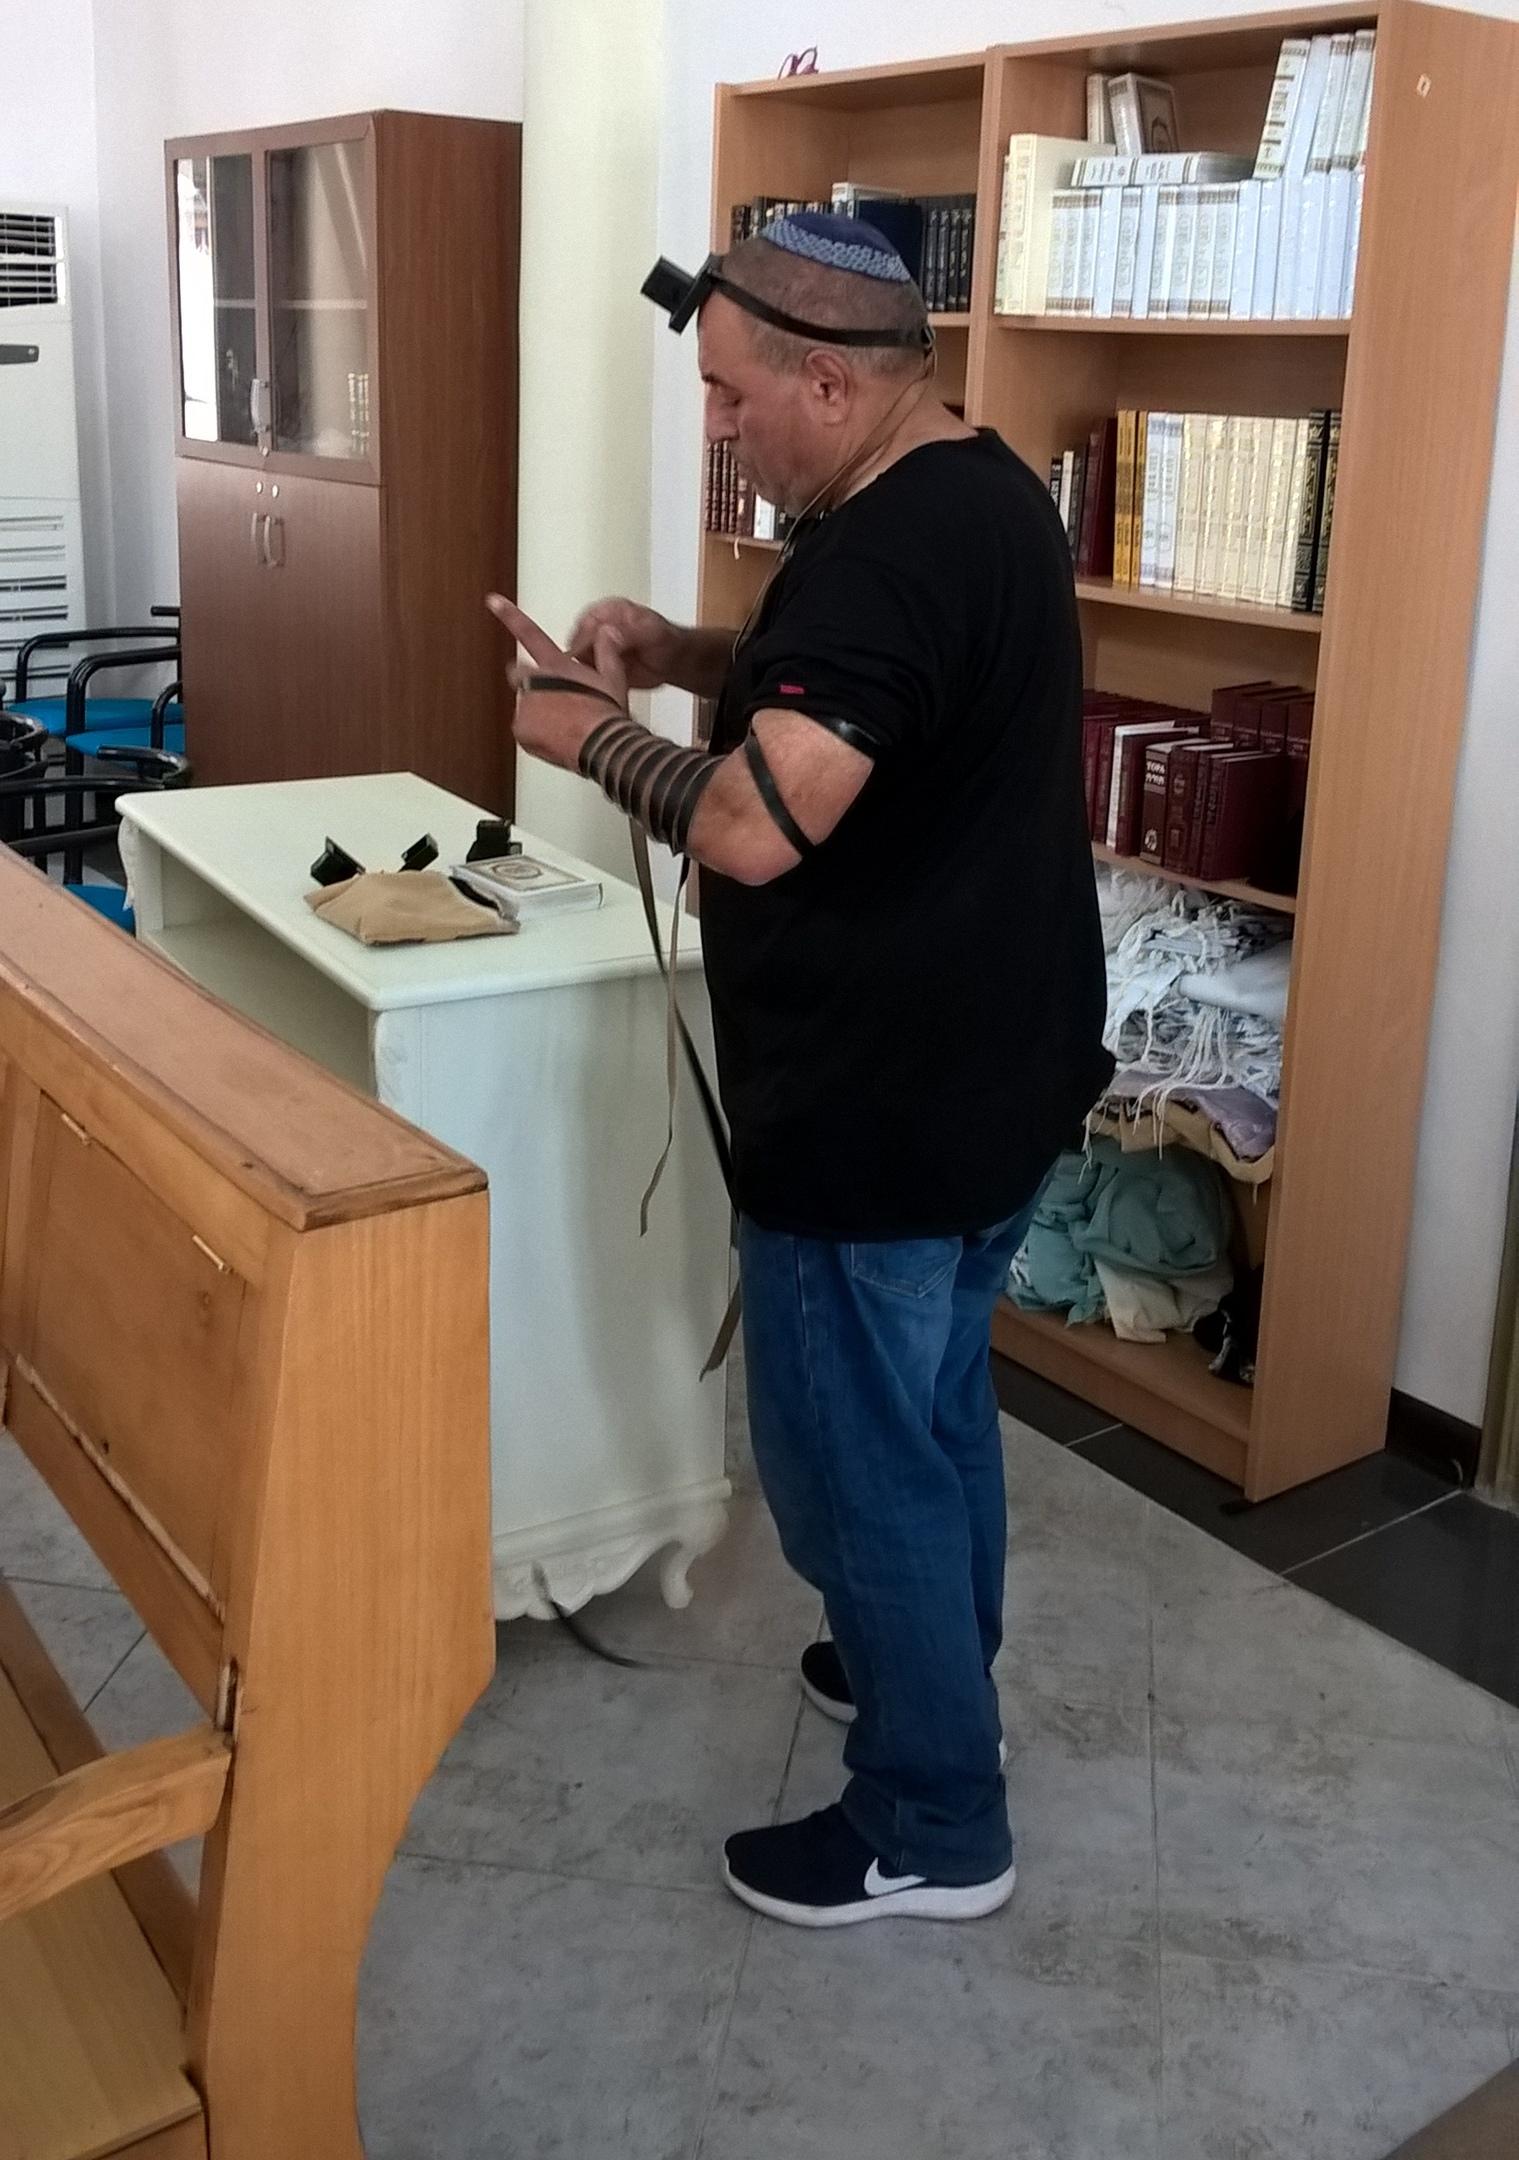 еврей наматывает некую ленту для молитвы